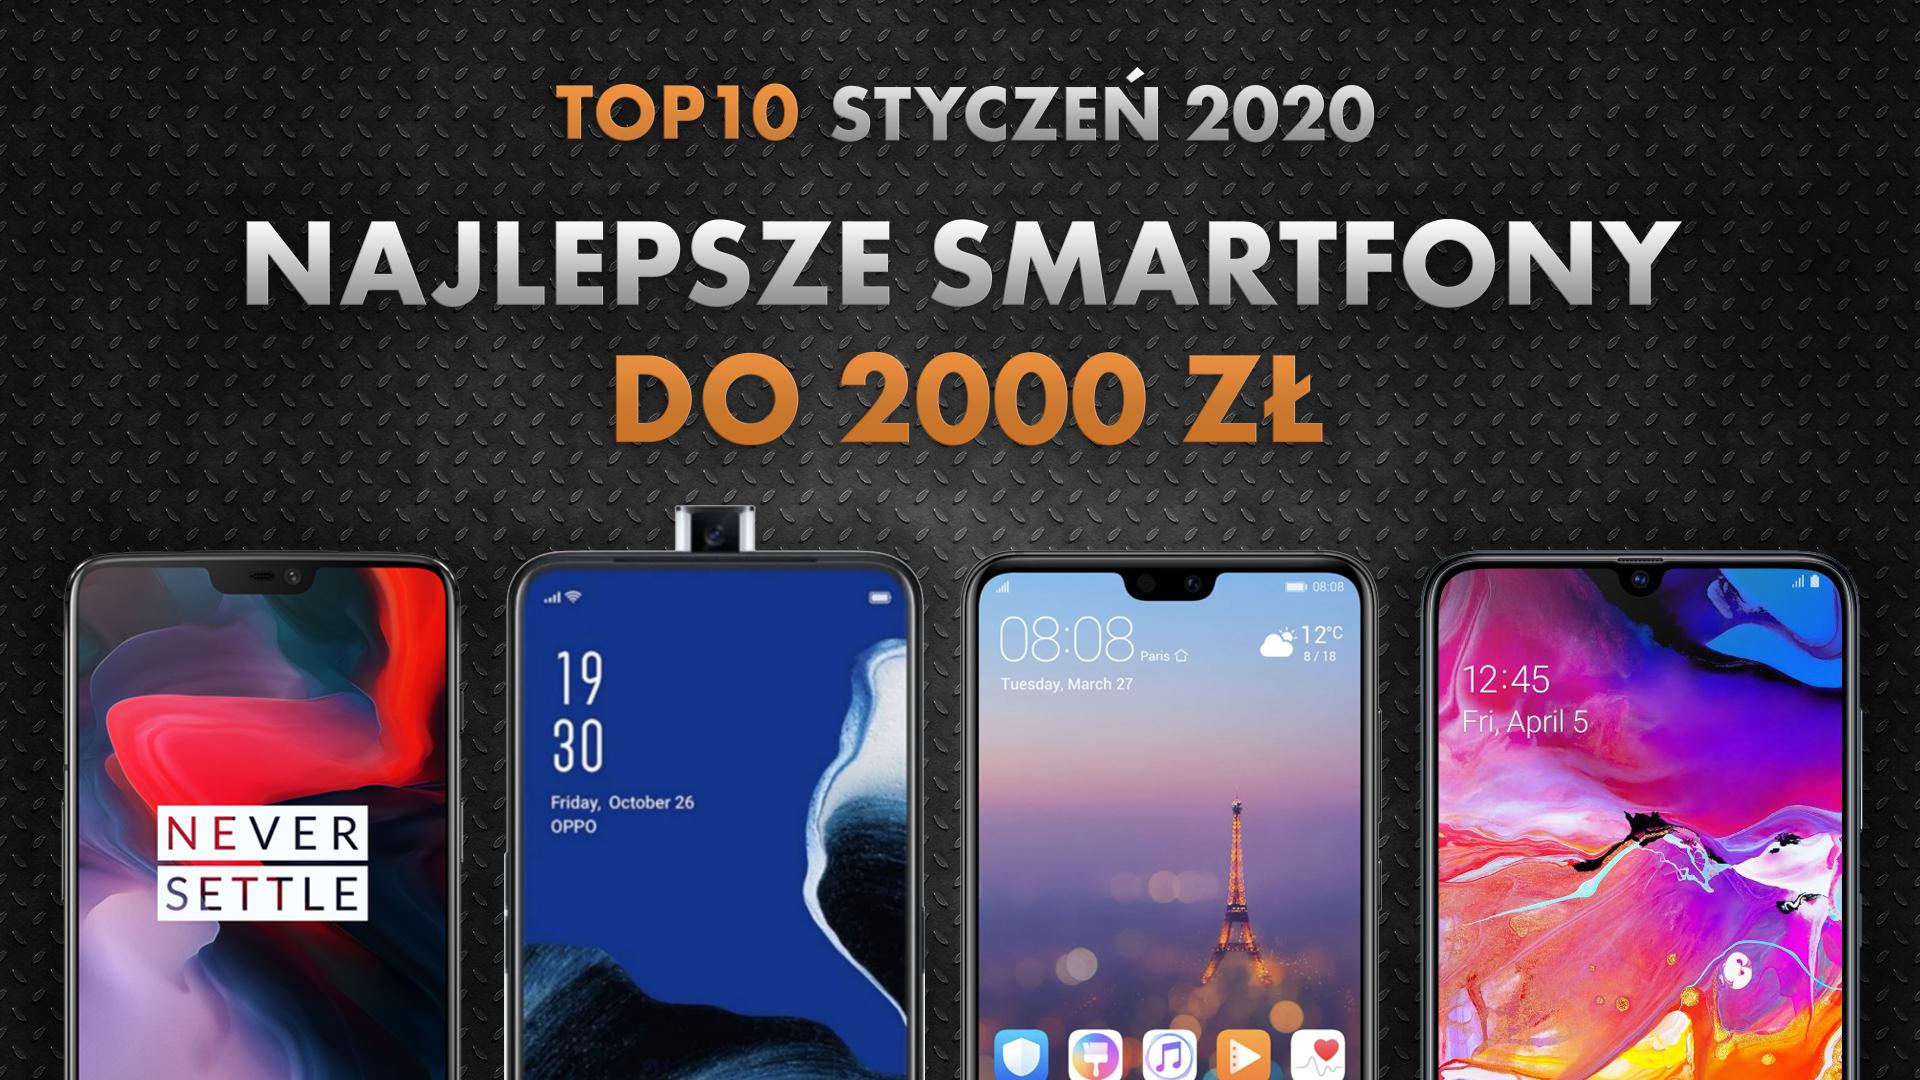 Najlepsze smartfony do 2000 zł | NASZE TOP 10 | Styczeń 2020